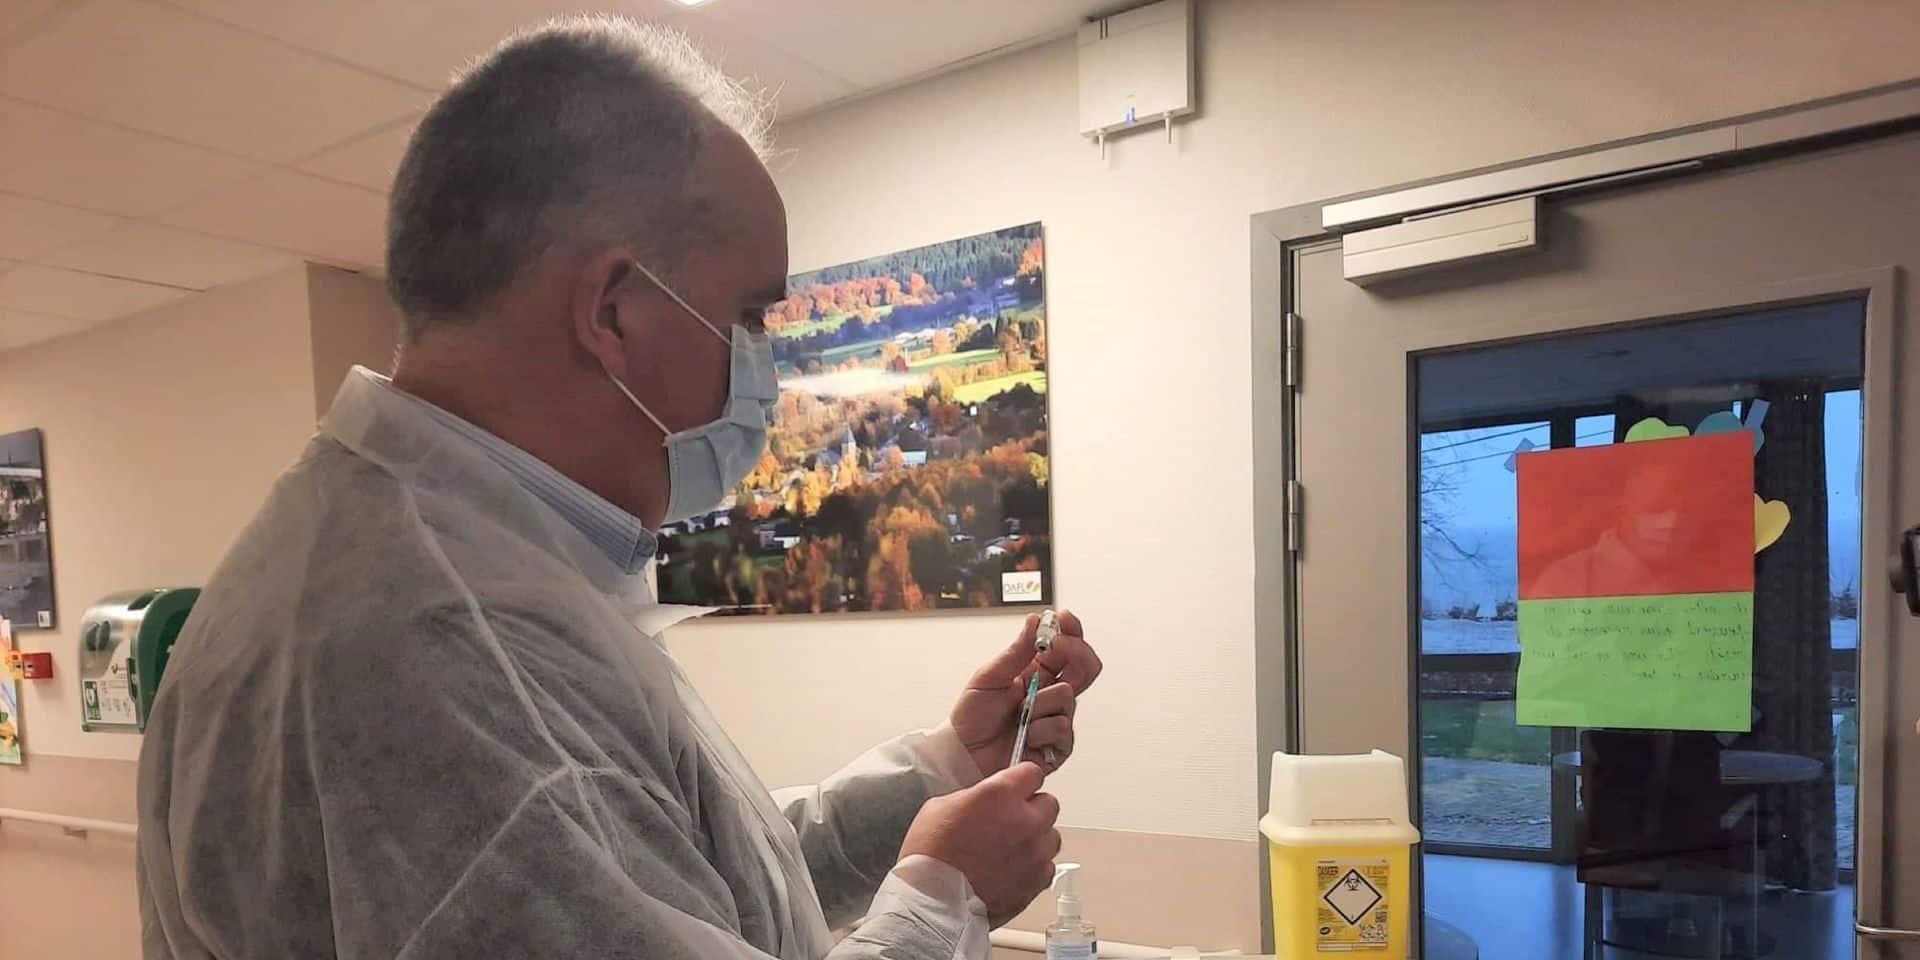 Province de Luxembourg : les centres de vaccination seront bientôt opérationnels